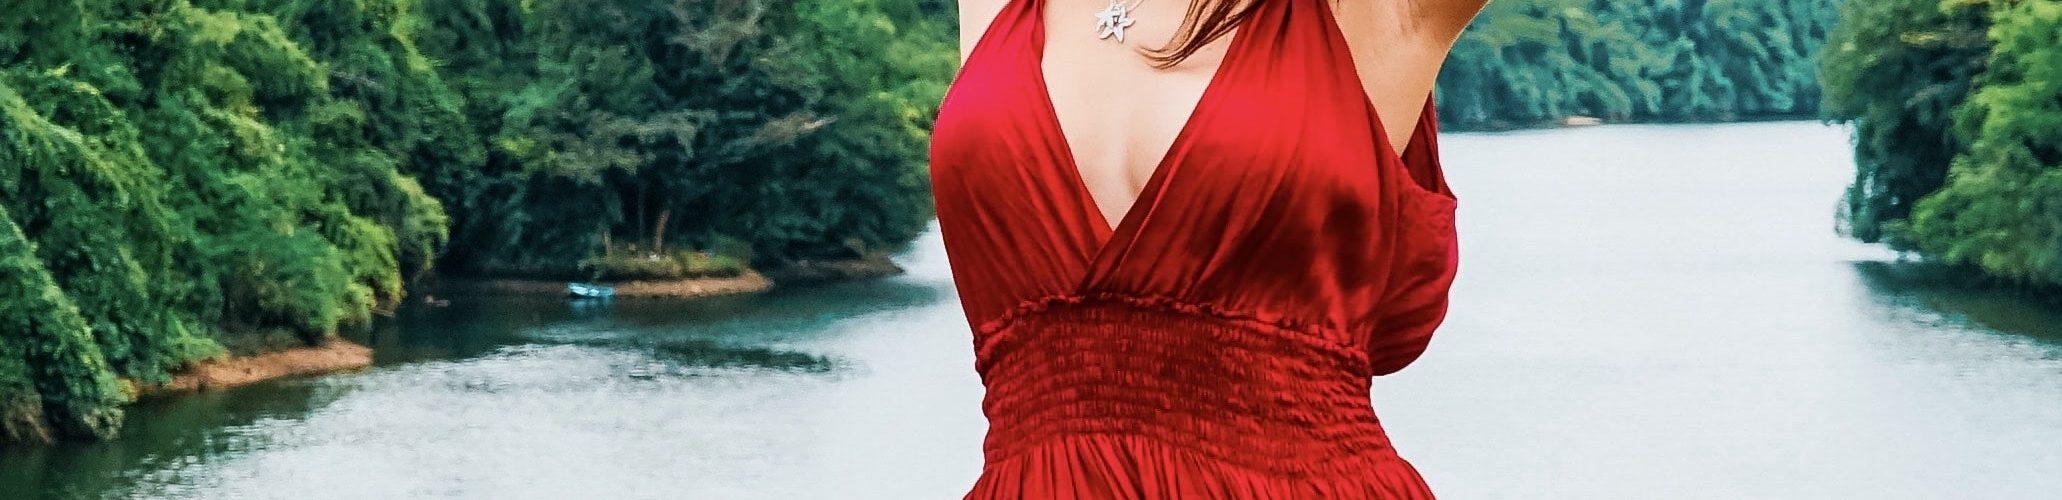 rode-jurk